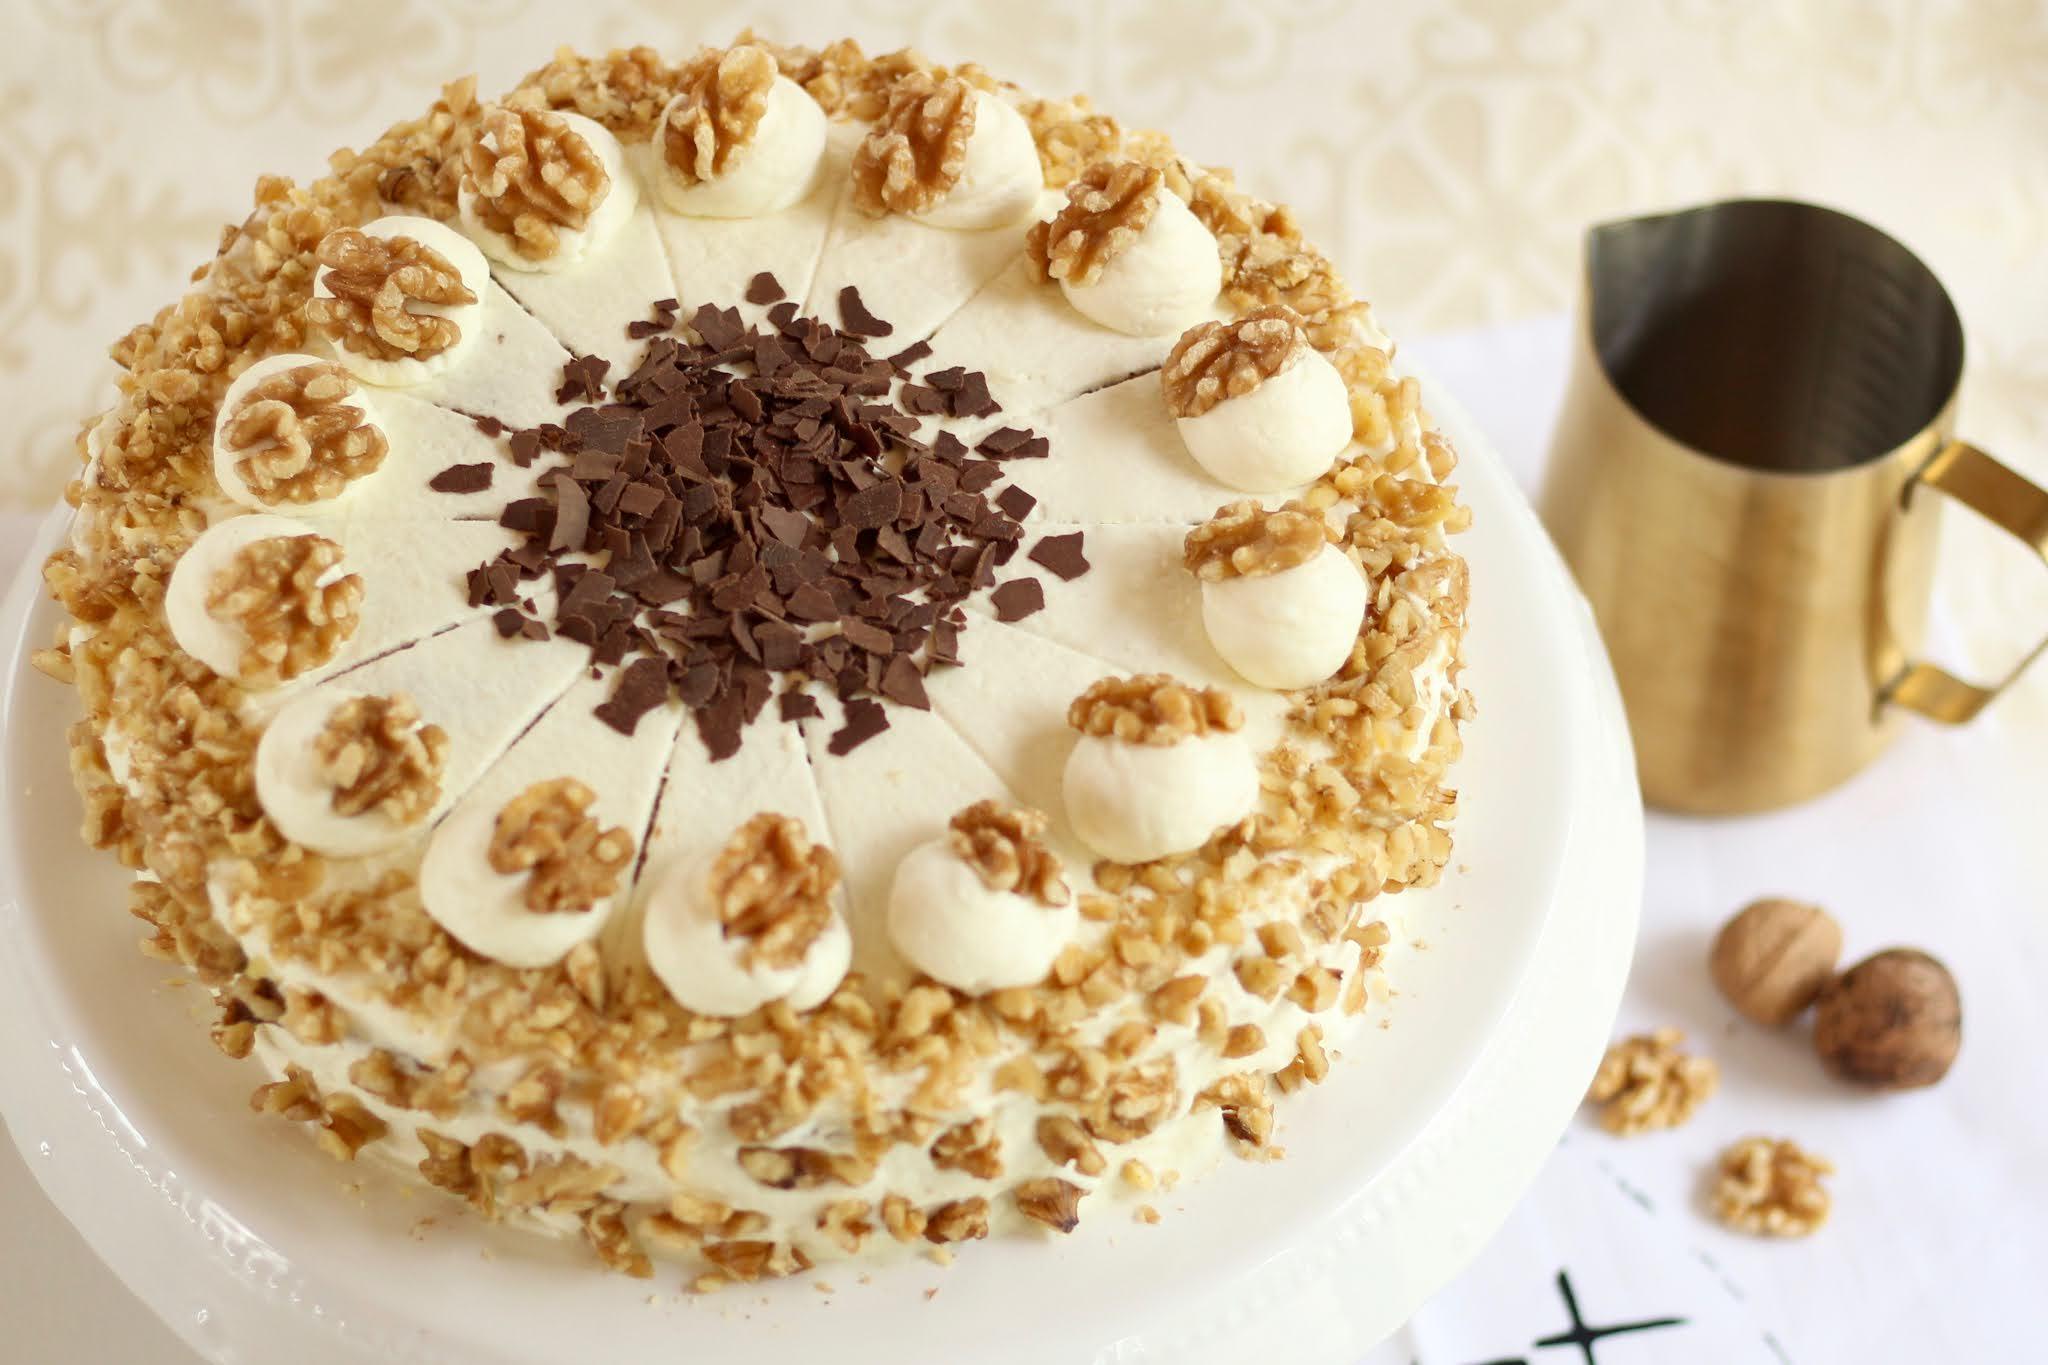 Herbstliche Walnuss-Birnen-Torte mit Preiselbeeren | Rezept und Video von Sugarprincess